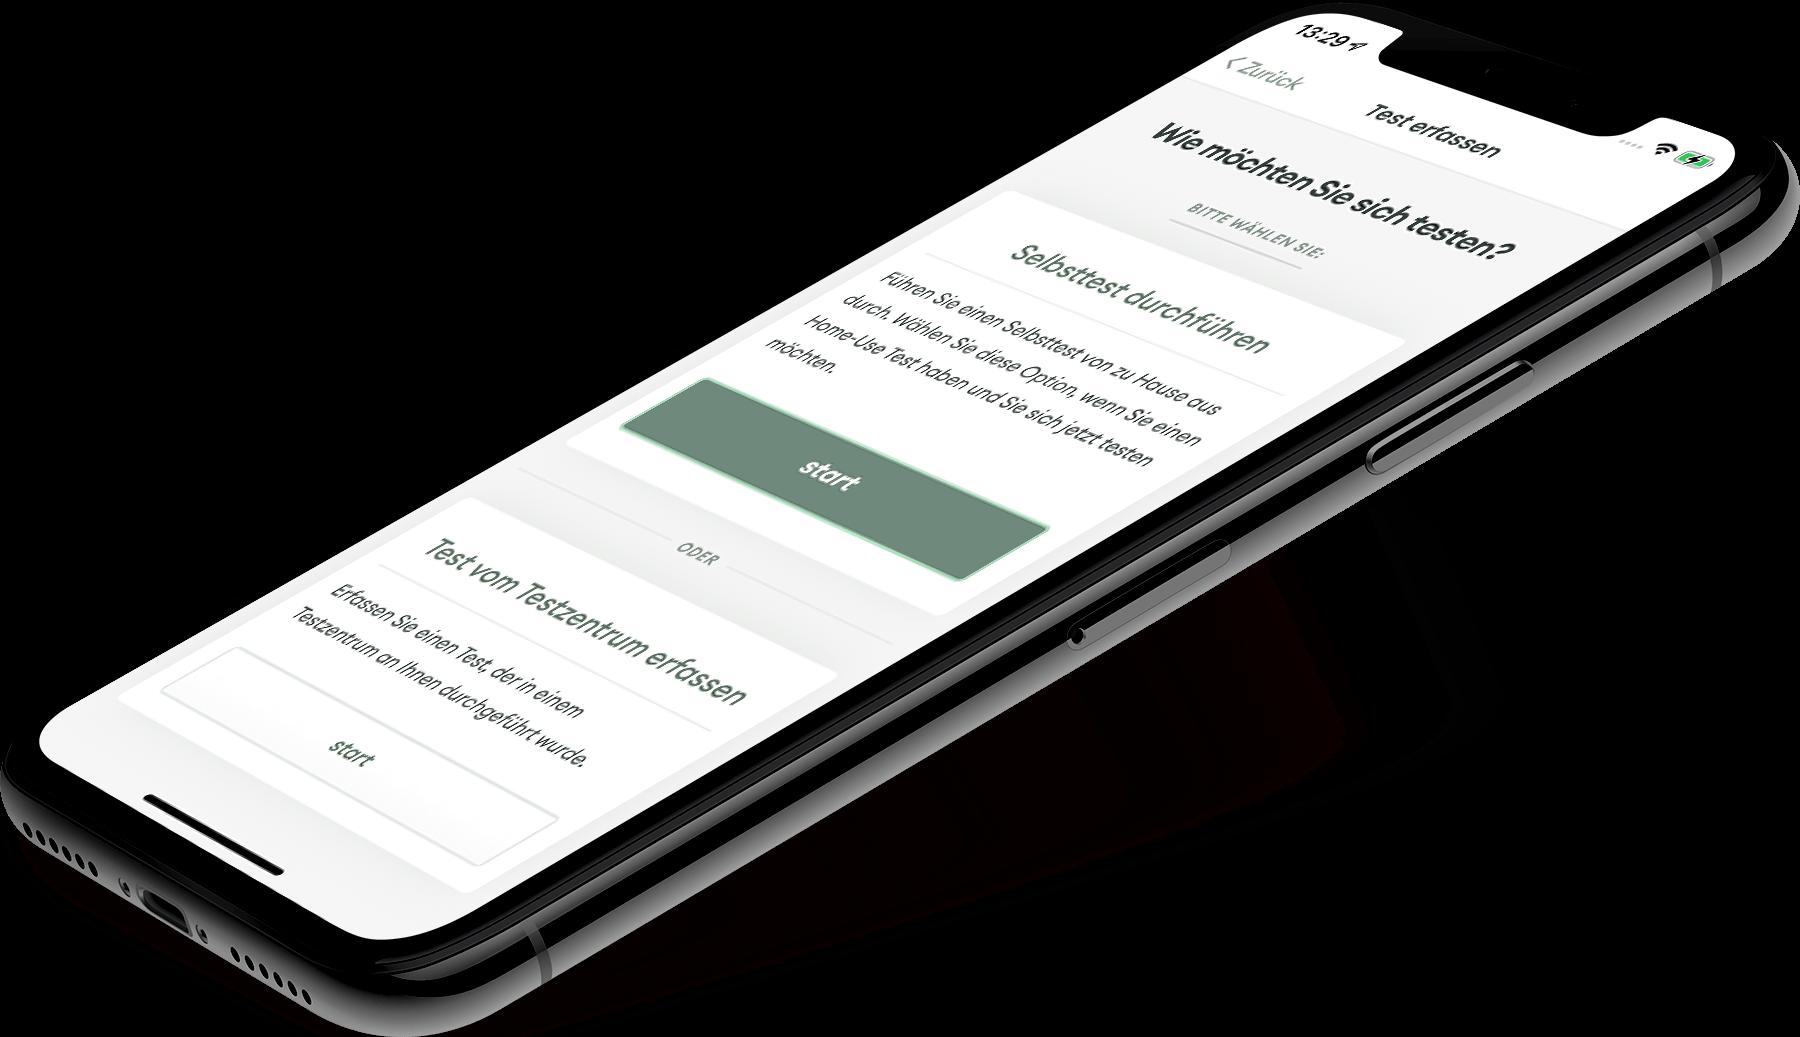 Abbildung der MedCare App, zu sehen ist der Erfassungsvorgang. In drei einfachen Schritten wird der Test erfasst. Scannen Sie zuerst den QR-Code auf der Testkassette und führen Sie danach den Test durch. Nach 15 Min uten können Sie das Test Ergebnis erfassen und verwenden.